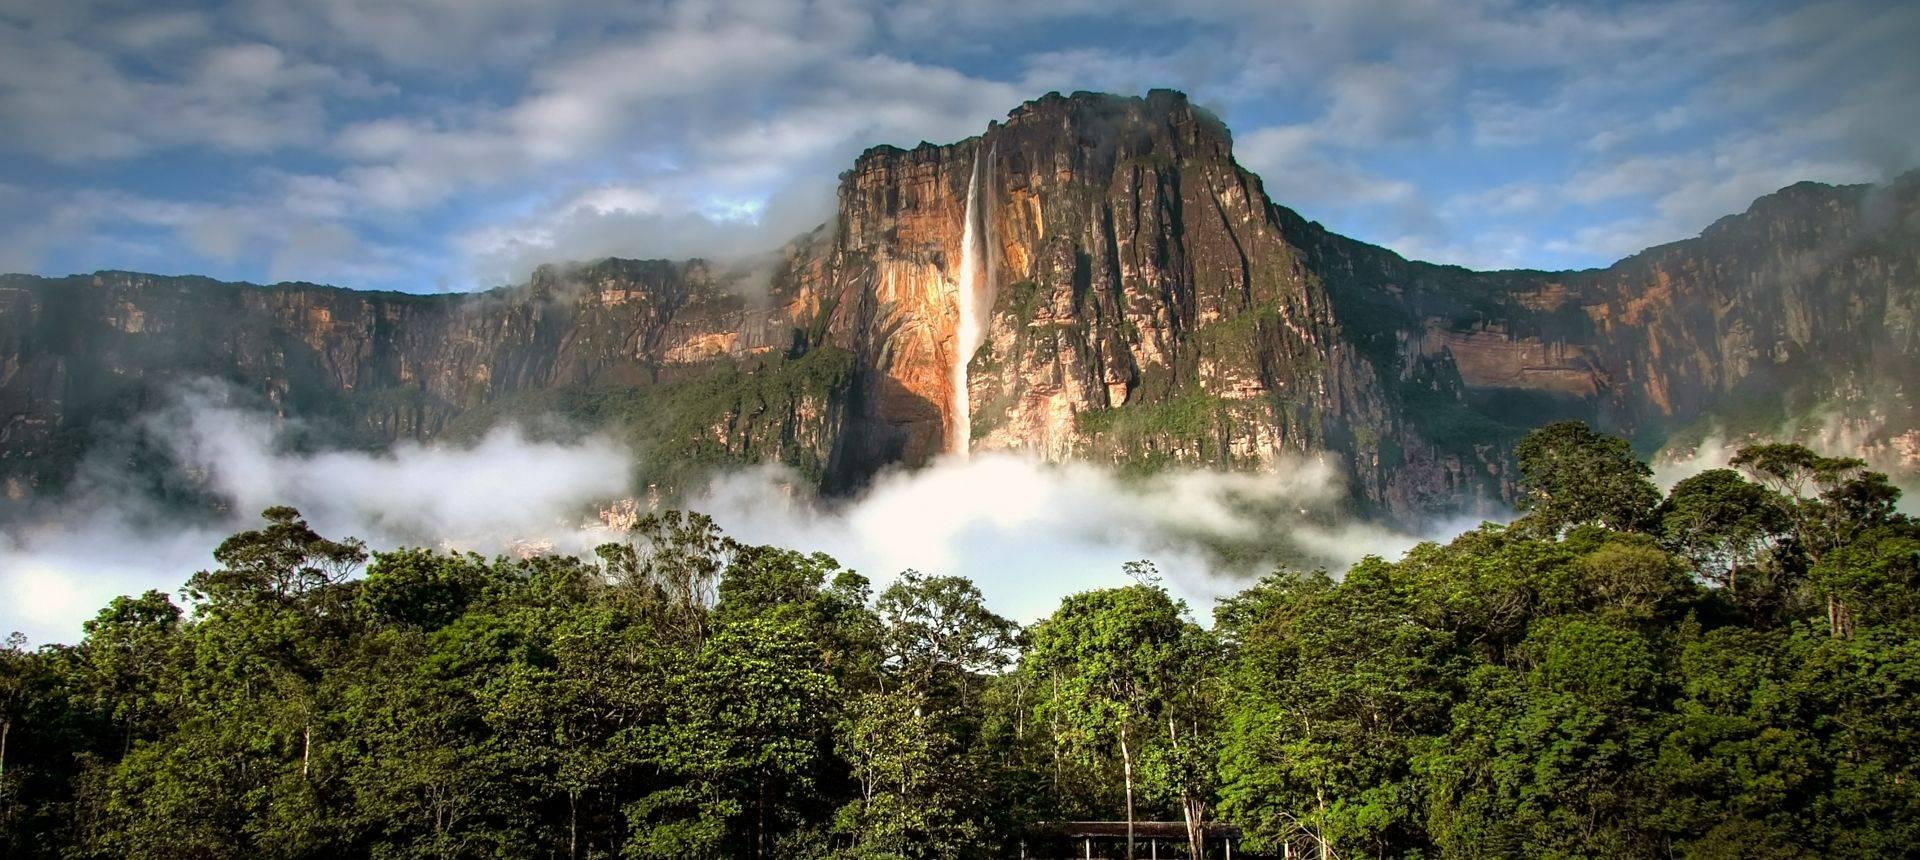 Venezuela Angel Falls Shutterstock 141881491